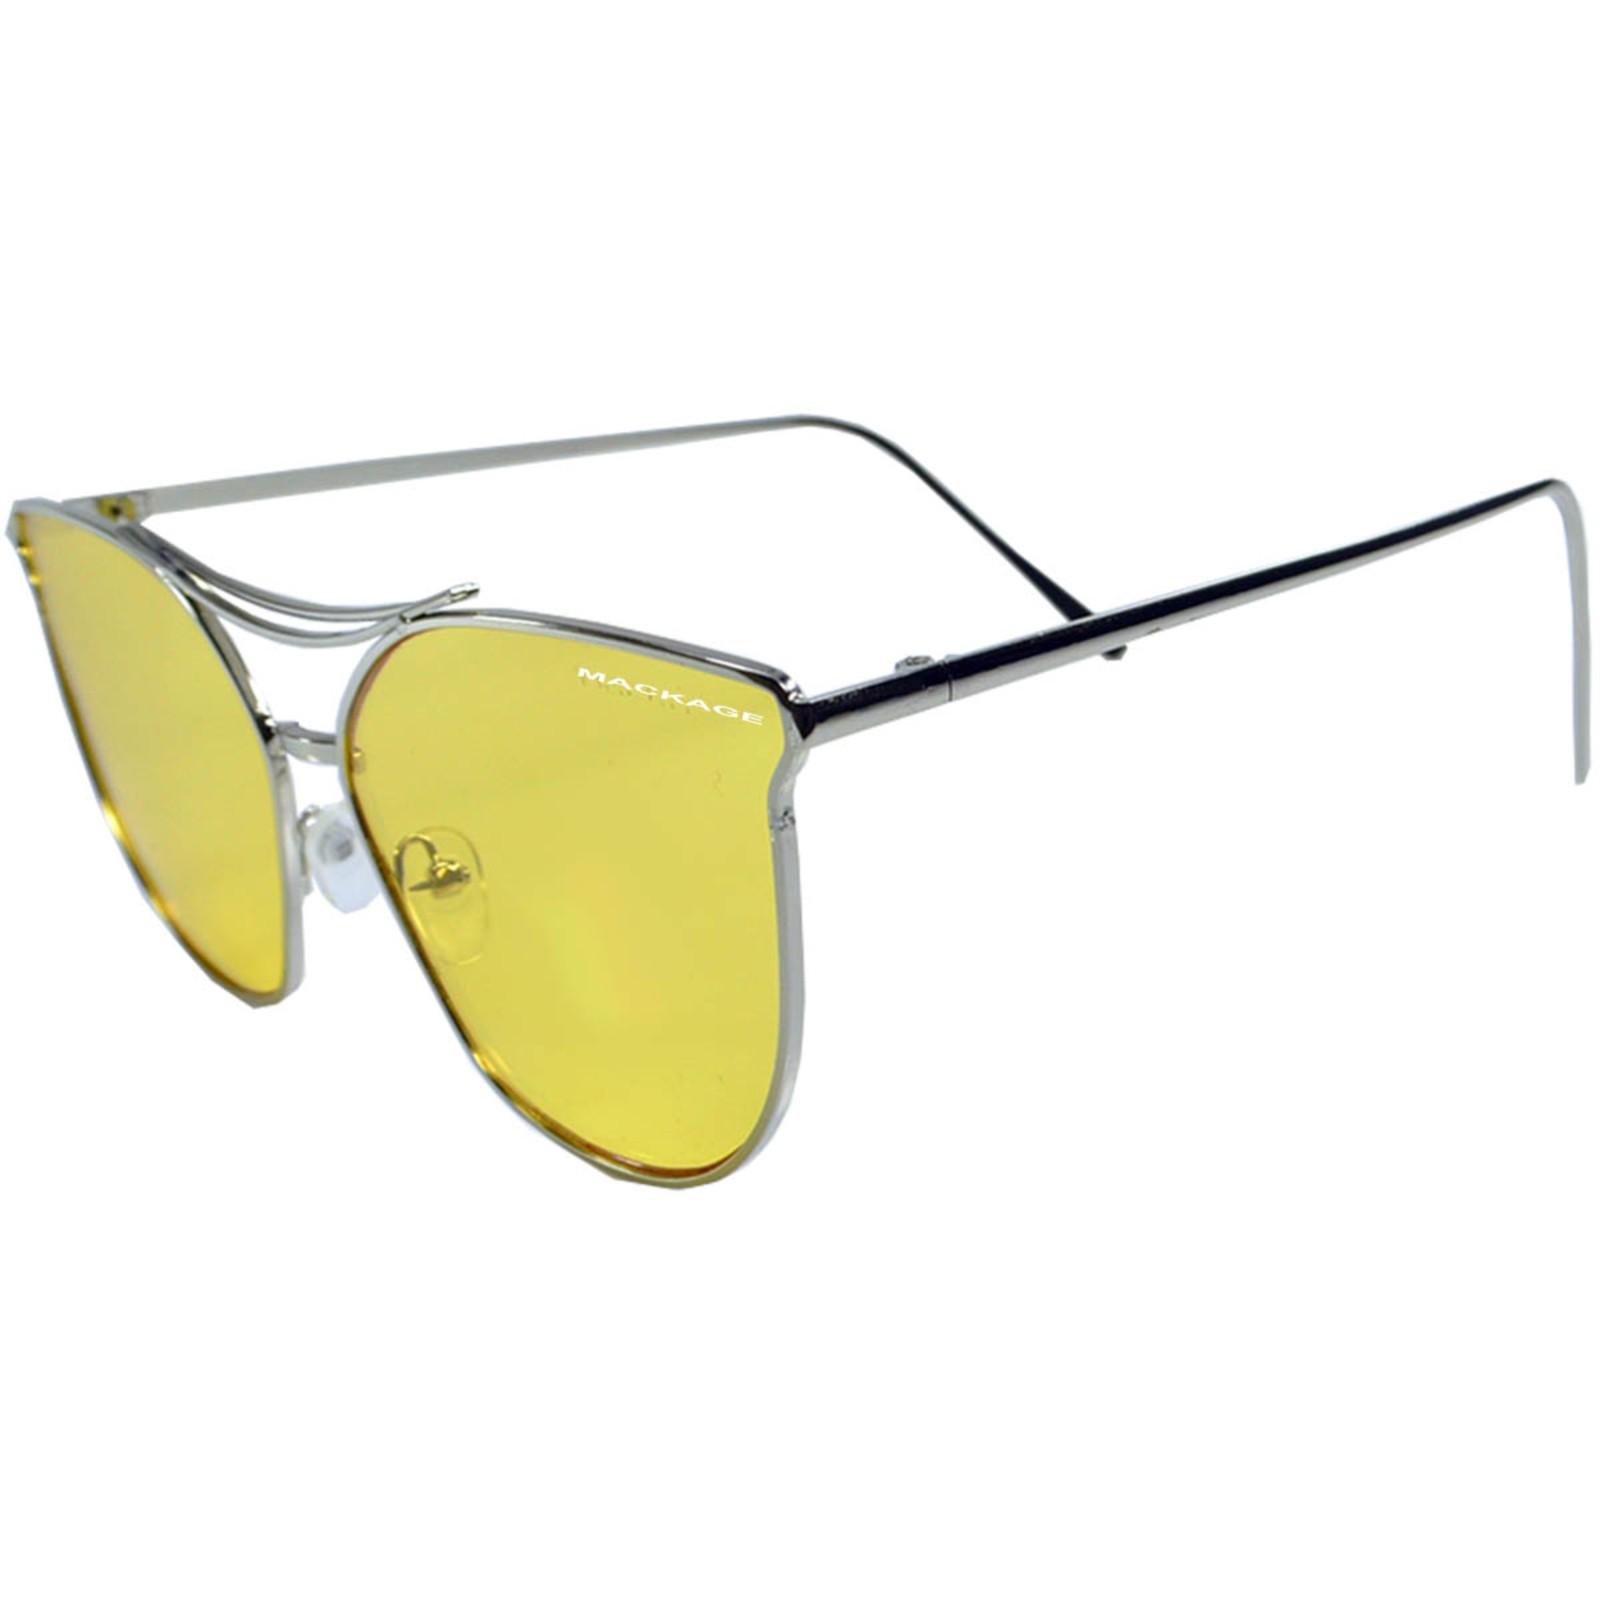 Óculos de Sol Mackage Unissex Metal Geométrico Gateado - Prata